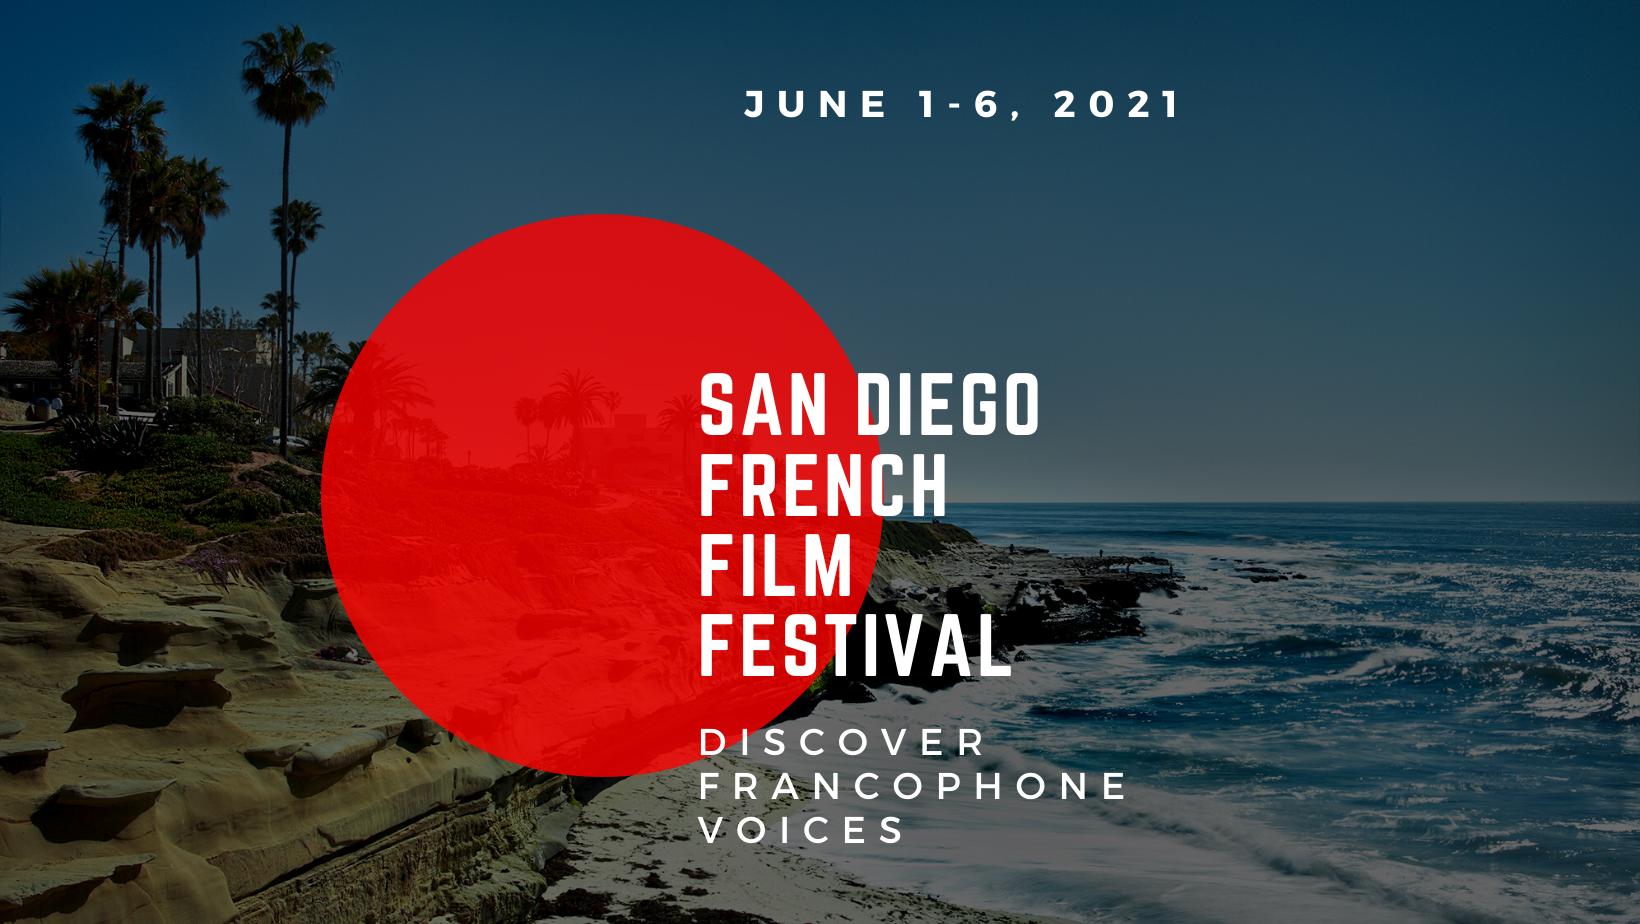 San Diego French Film Festival